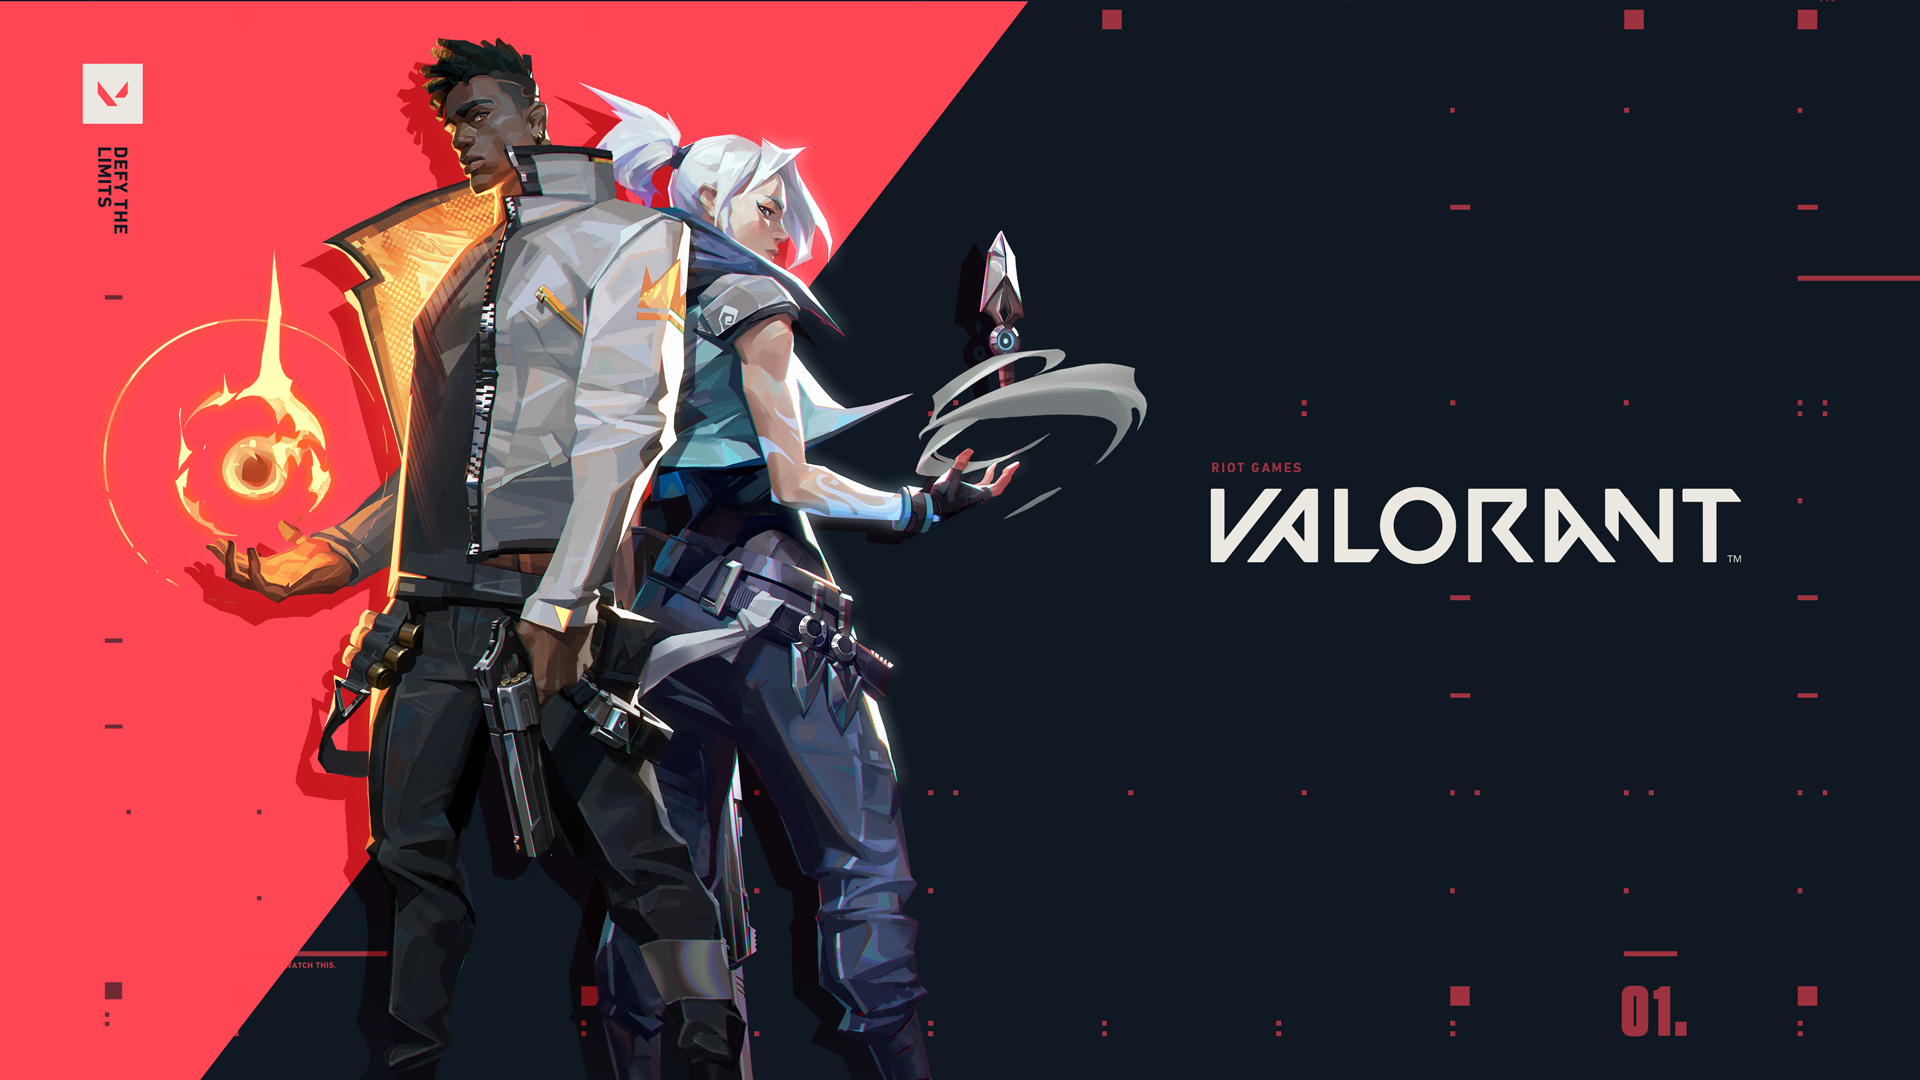 Riot kommer börja spela in otrevliga spelare i Valorant För att kunna banna otrevligheter